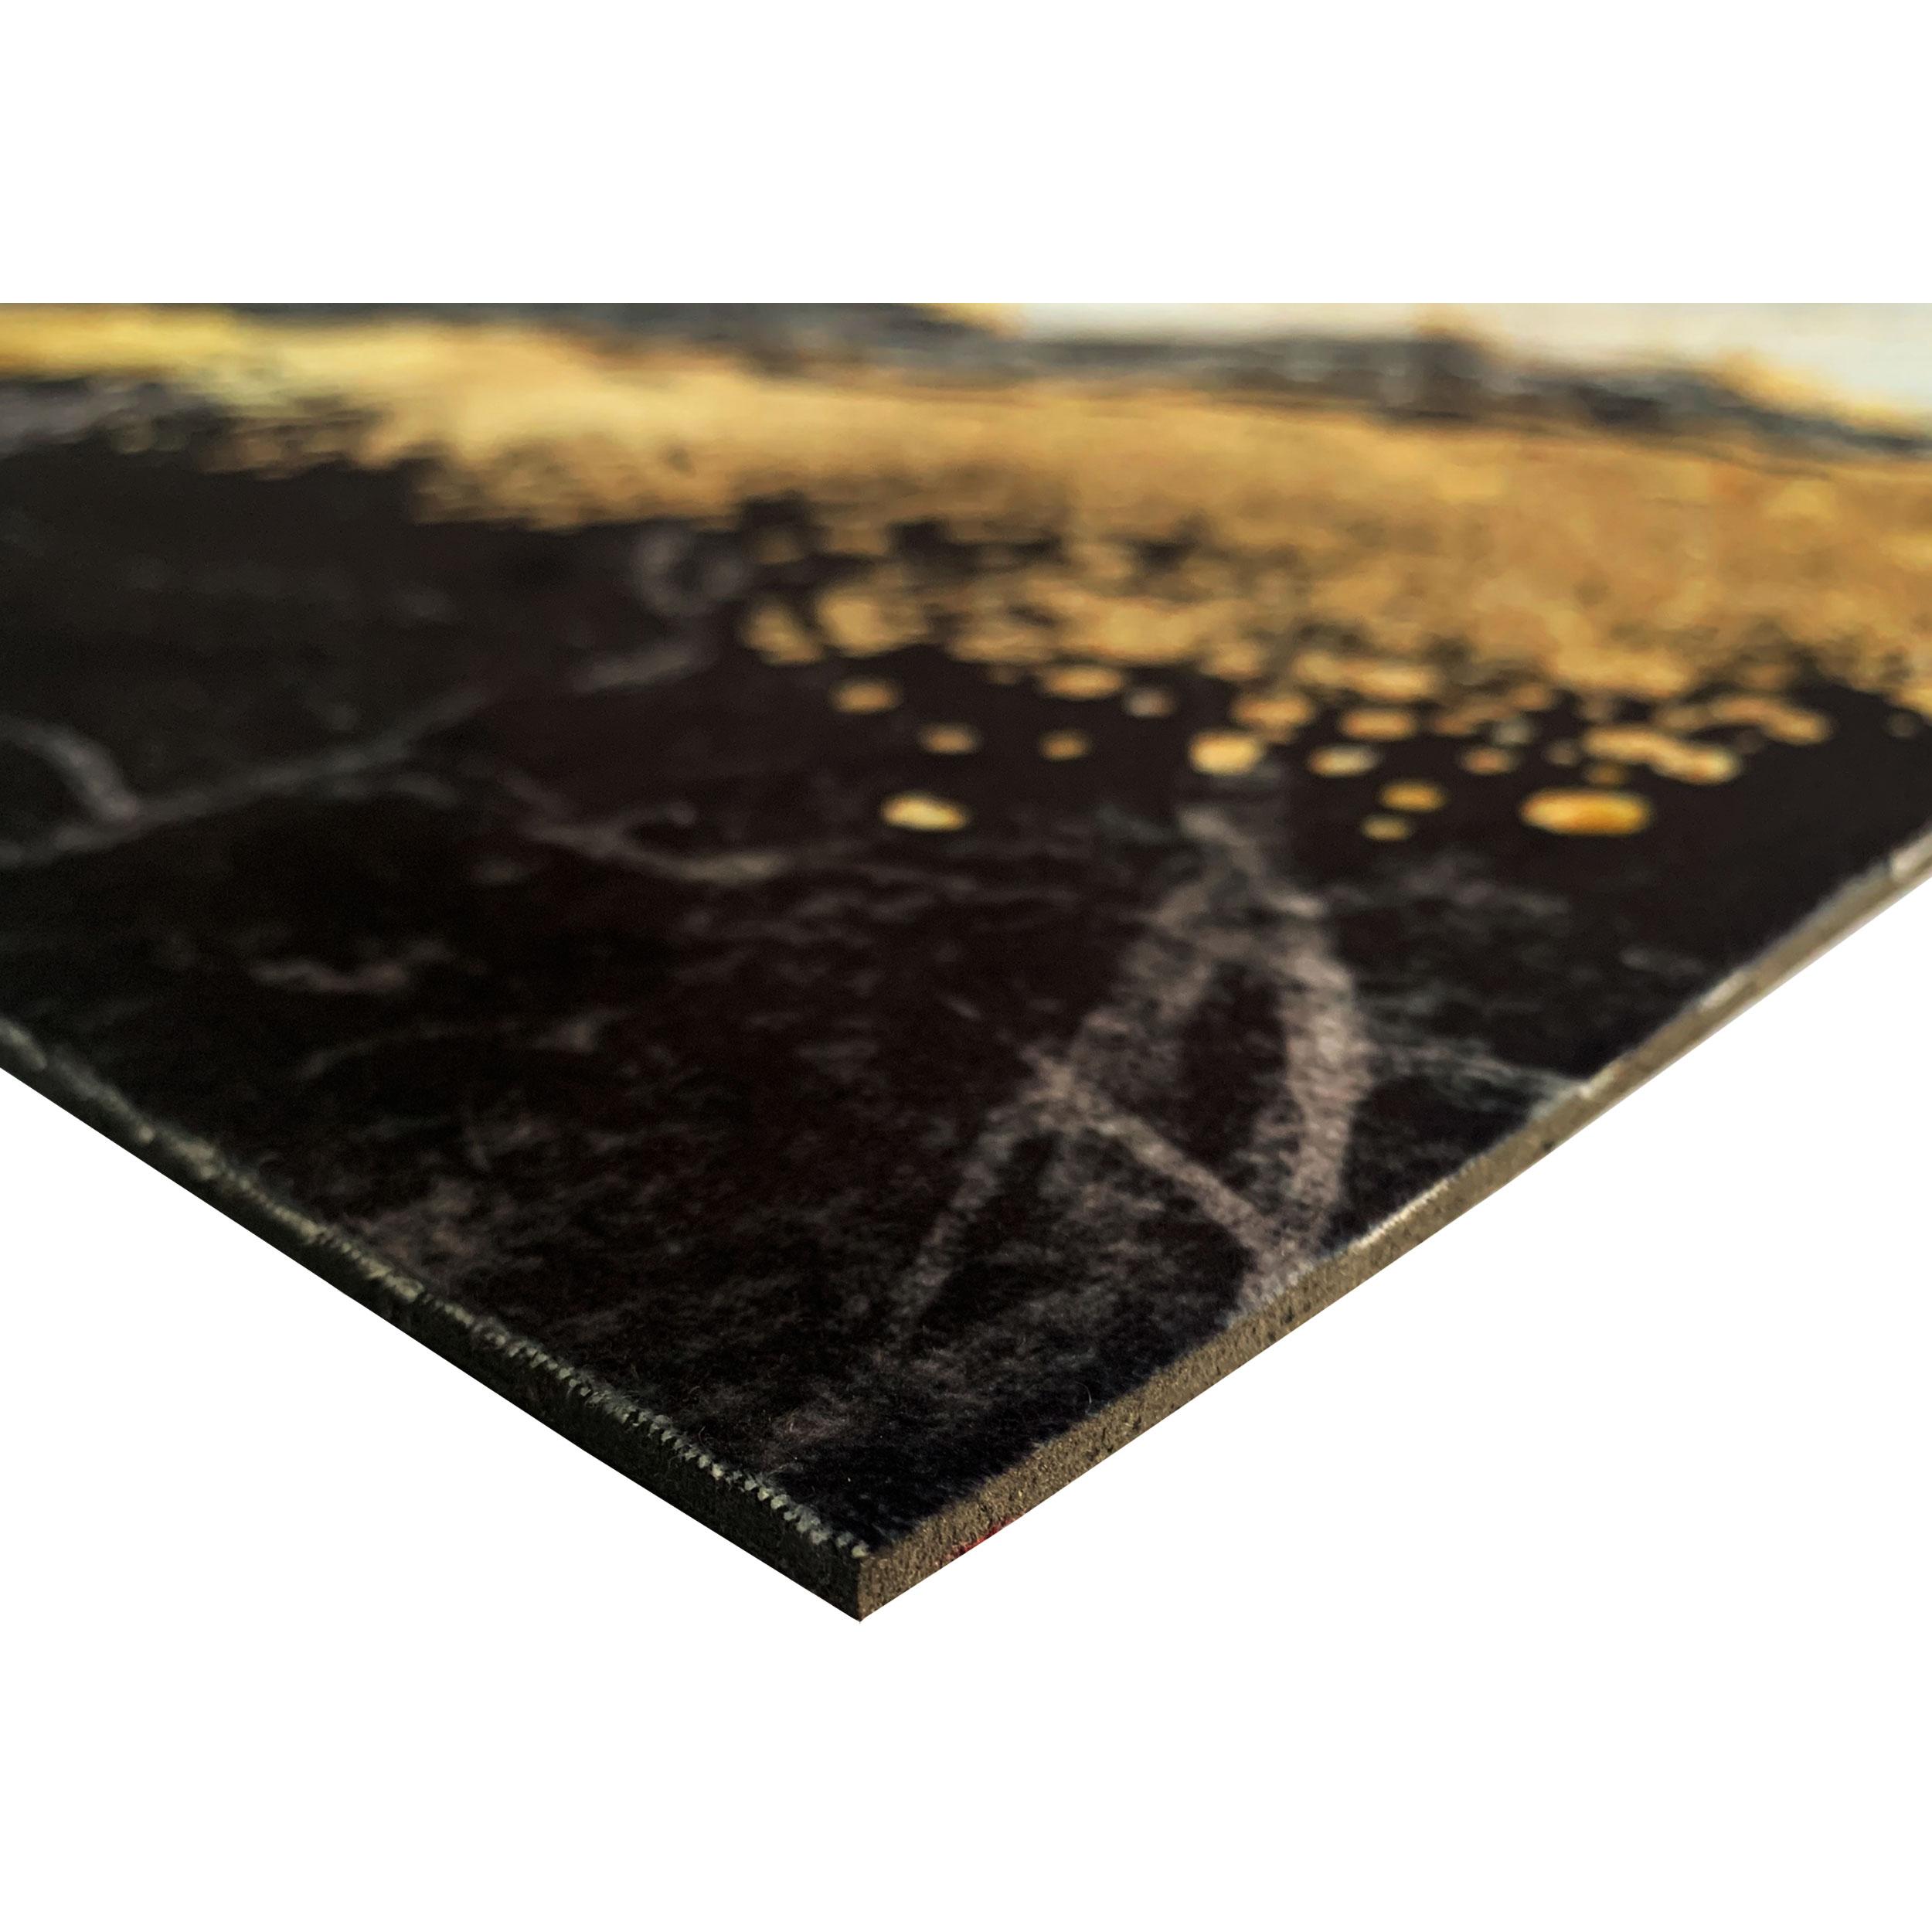 پادری مدل ماربل3کد 10153 سایز 50×150 سانتیمتر